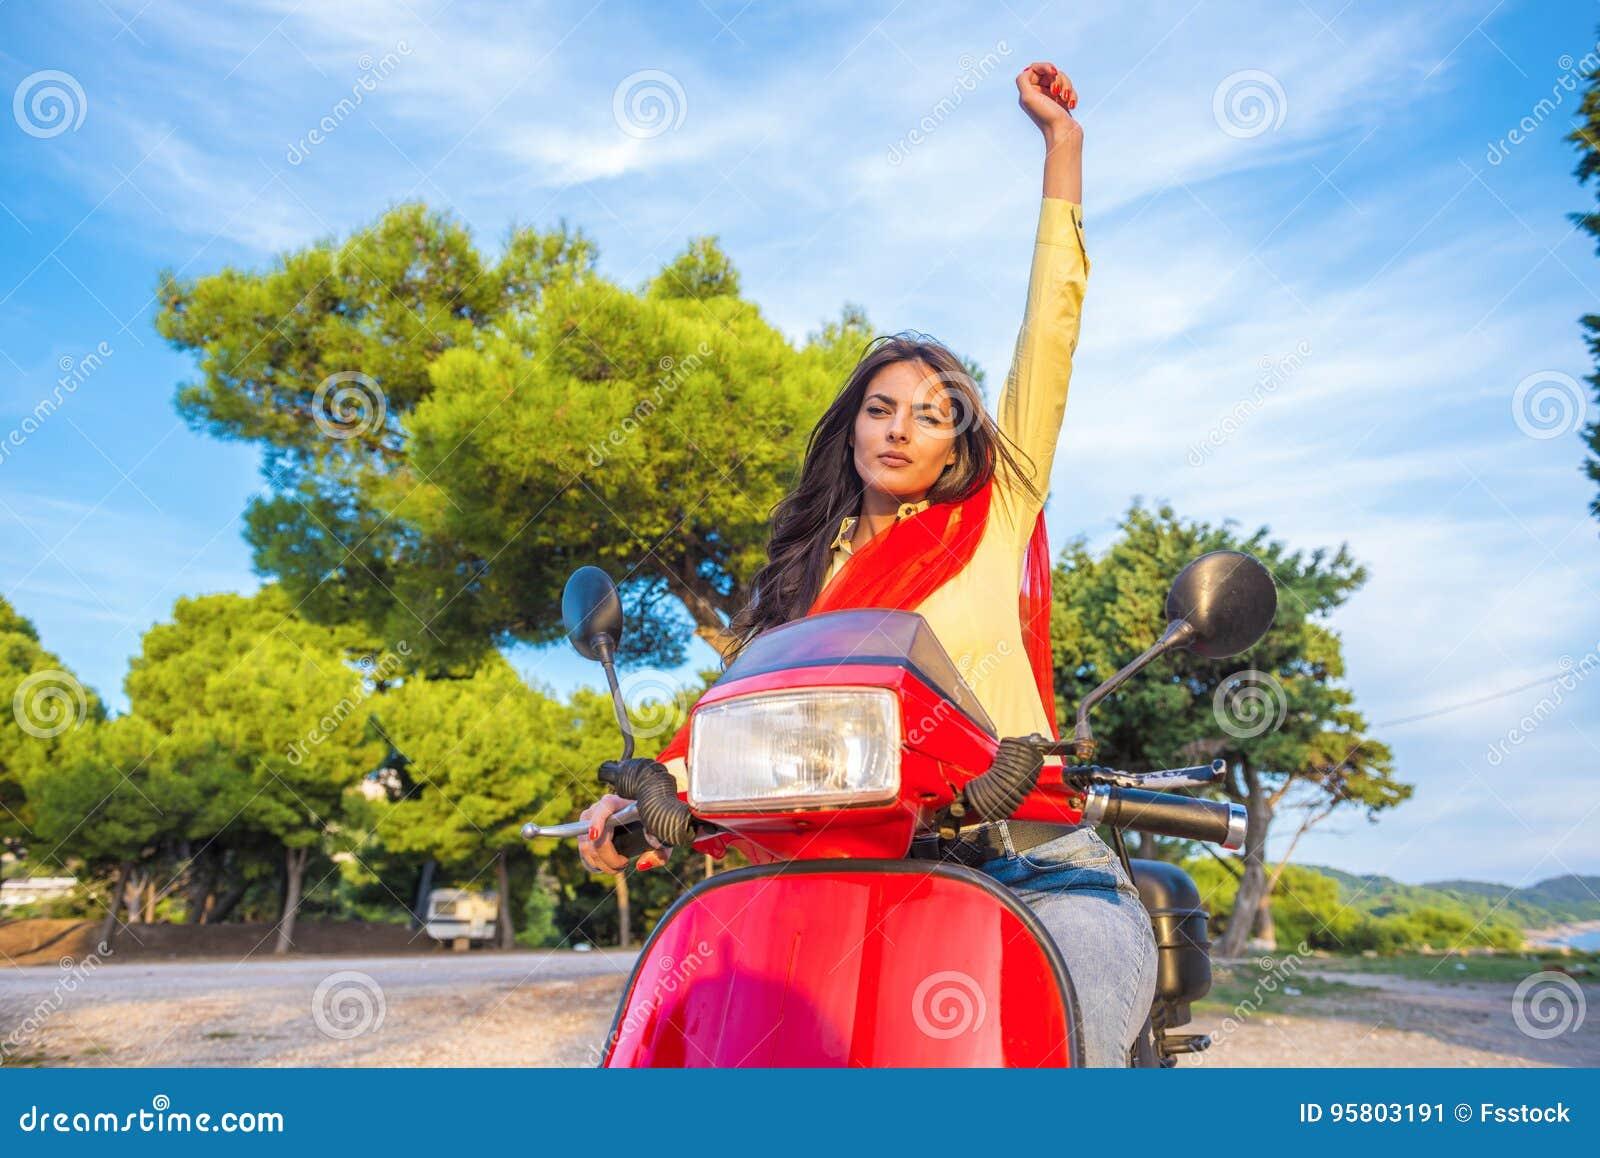 Schließen Sie herauf Lebensstilbild der jungen modernen Frau in der zufälligen Ausstattung, die auf Roller auf der Straße sitzt